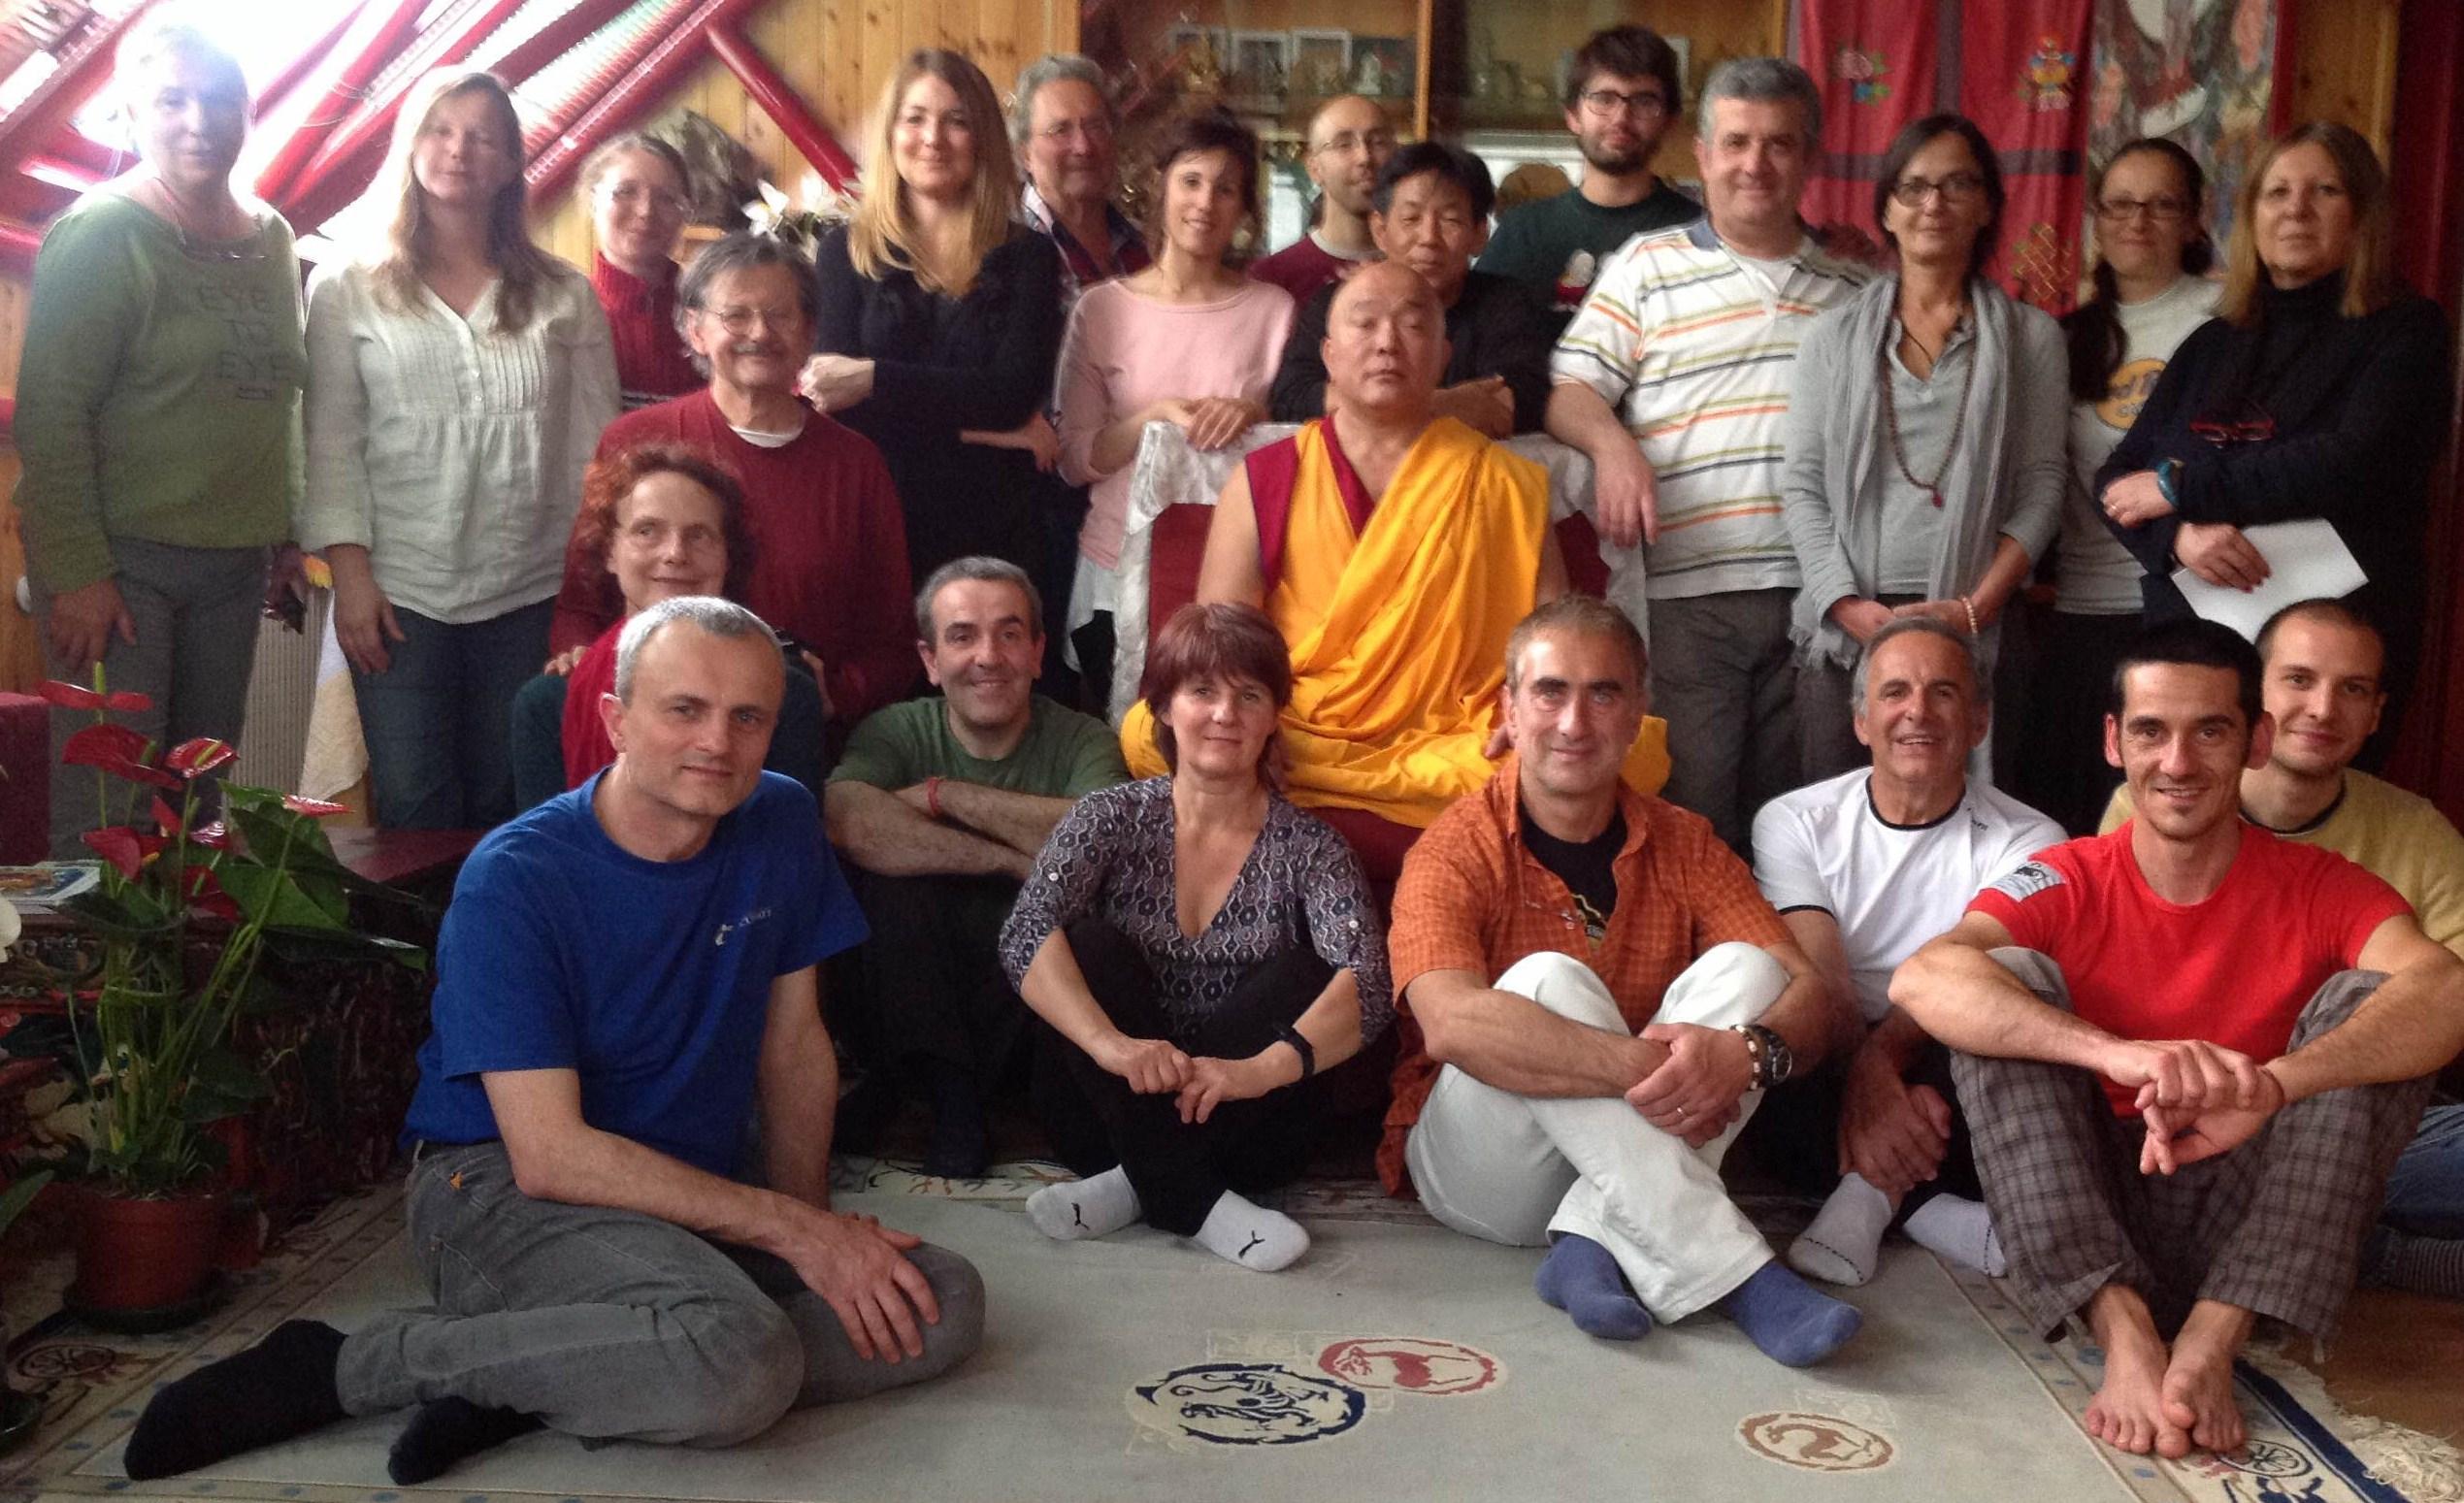 Il Ven. Ghesce Tenzin Tenphel coi partecipanti al suo insegnamento al Centro Studi Tibetani Sangye Cioeling di Sondrio il 17 maggio 2014